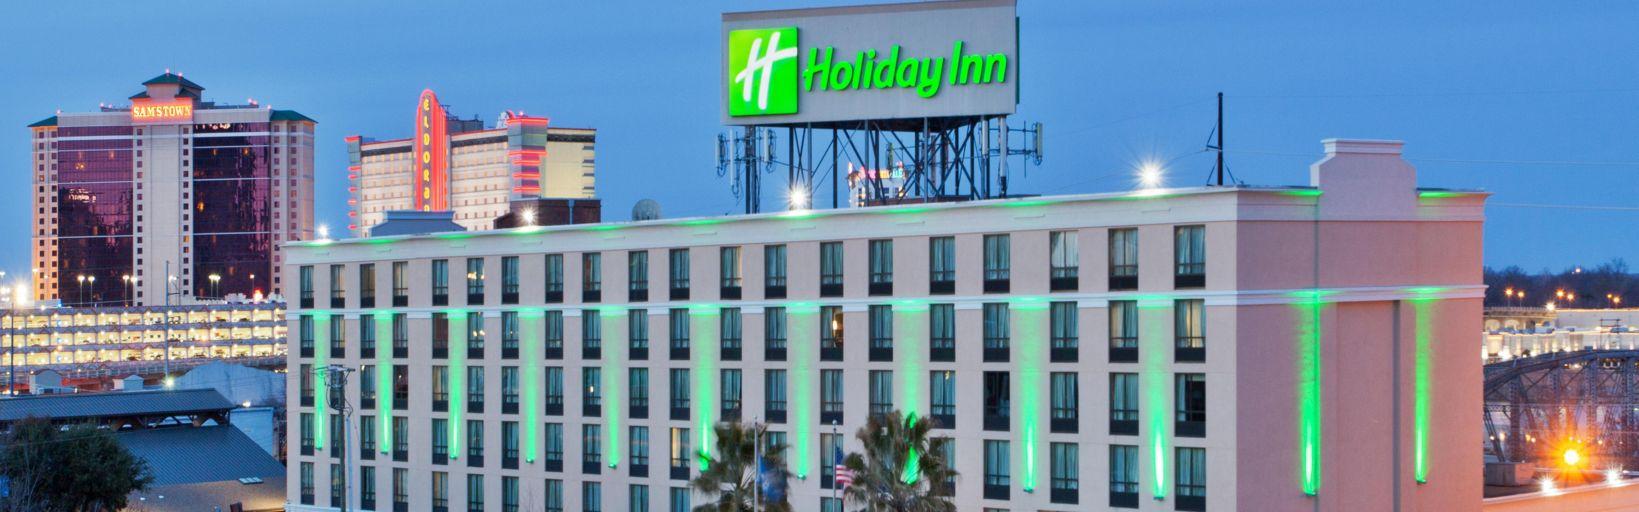 Holiday Inn Shreveport Downtown